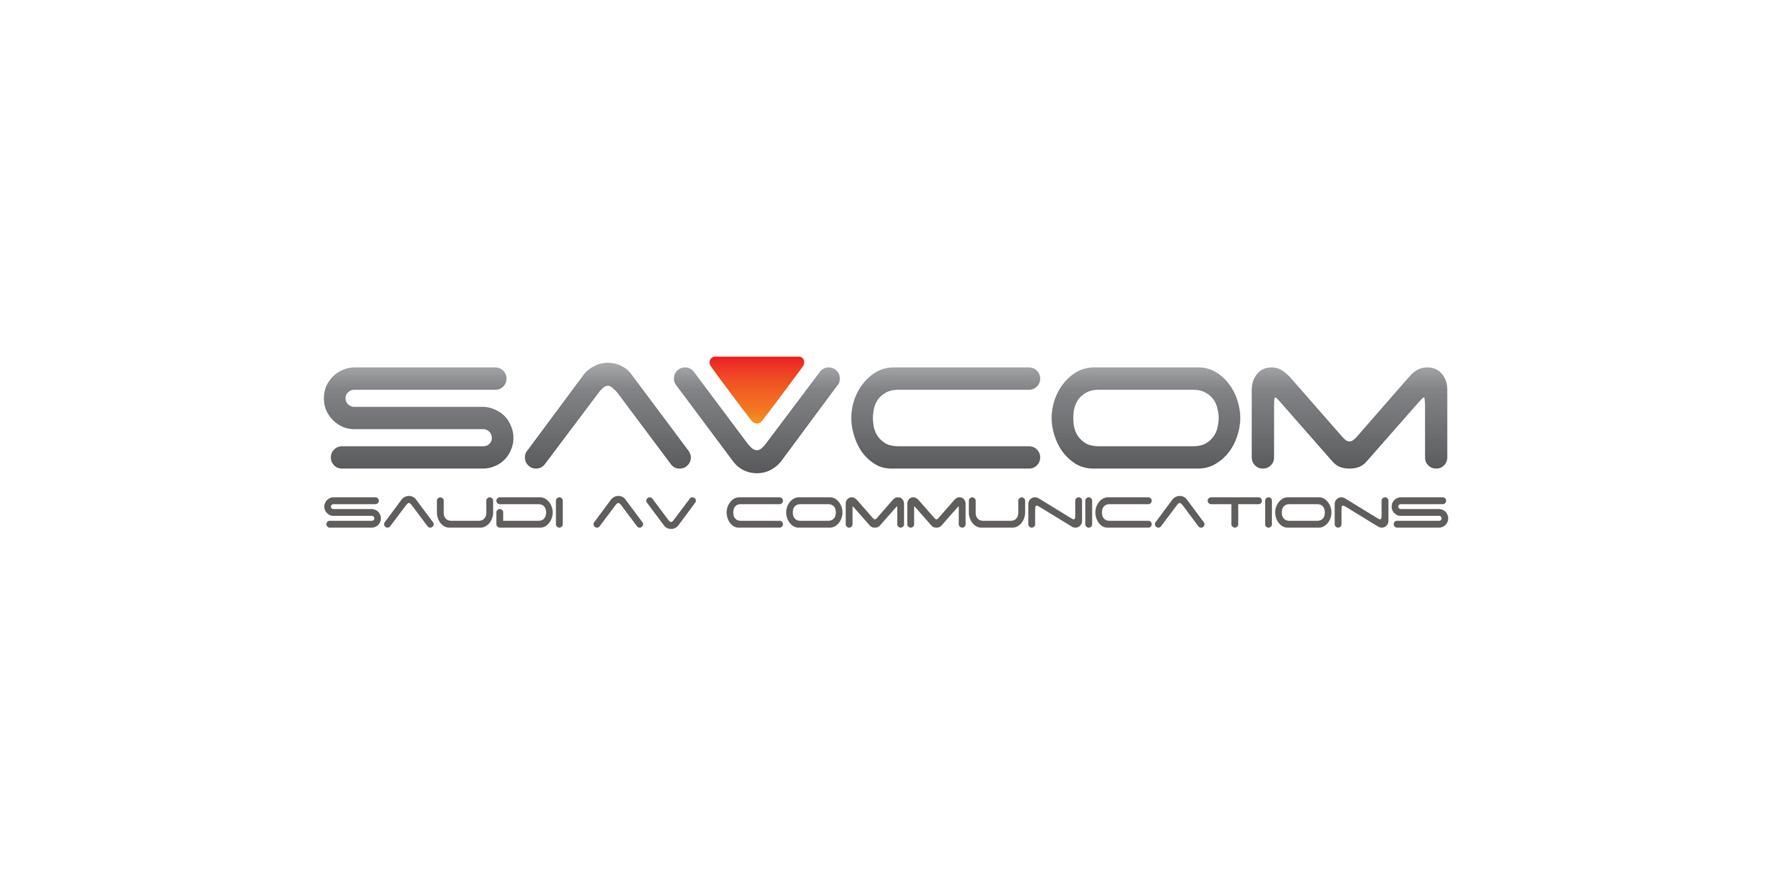 SAVCOM